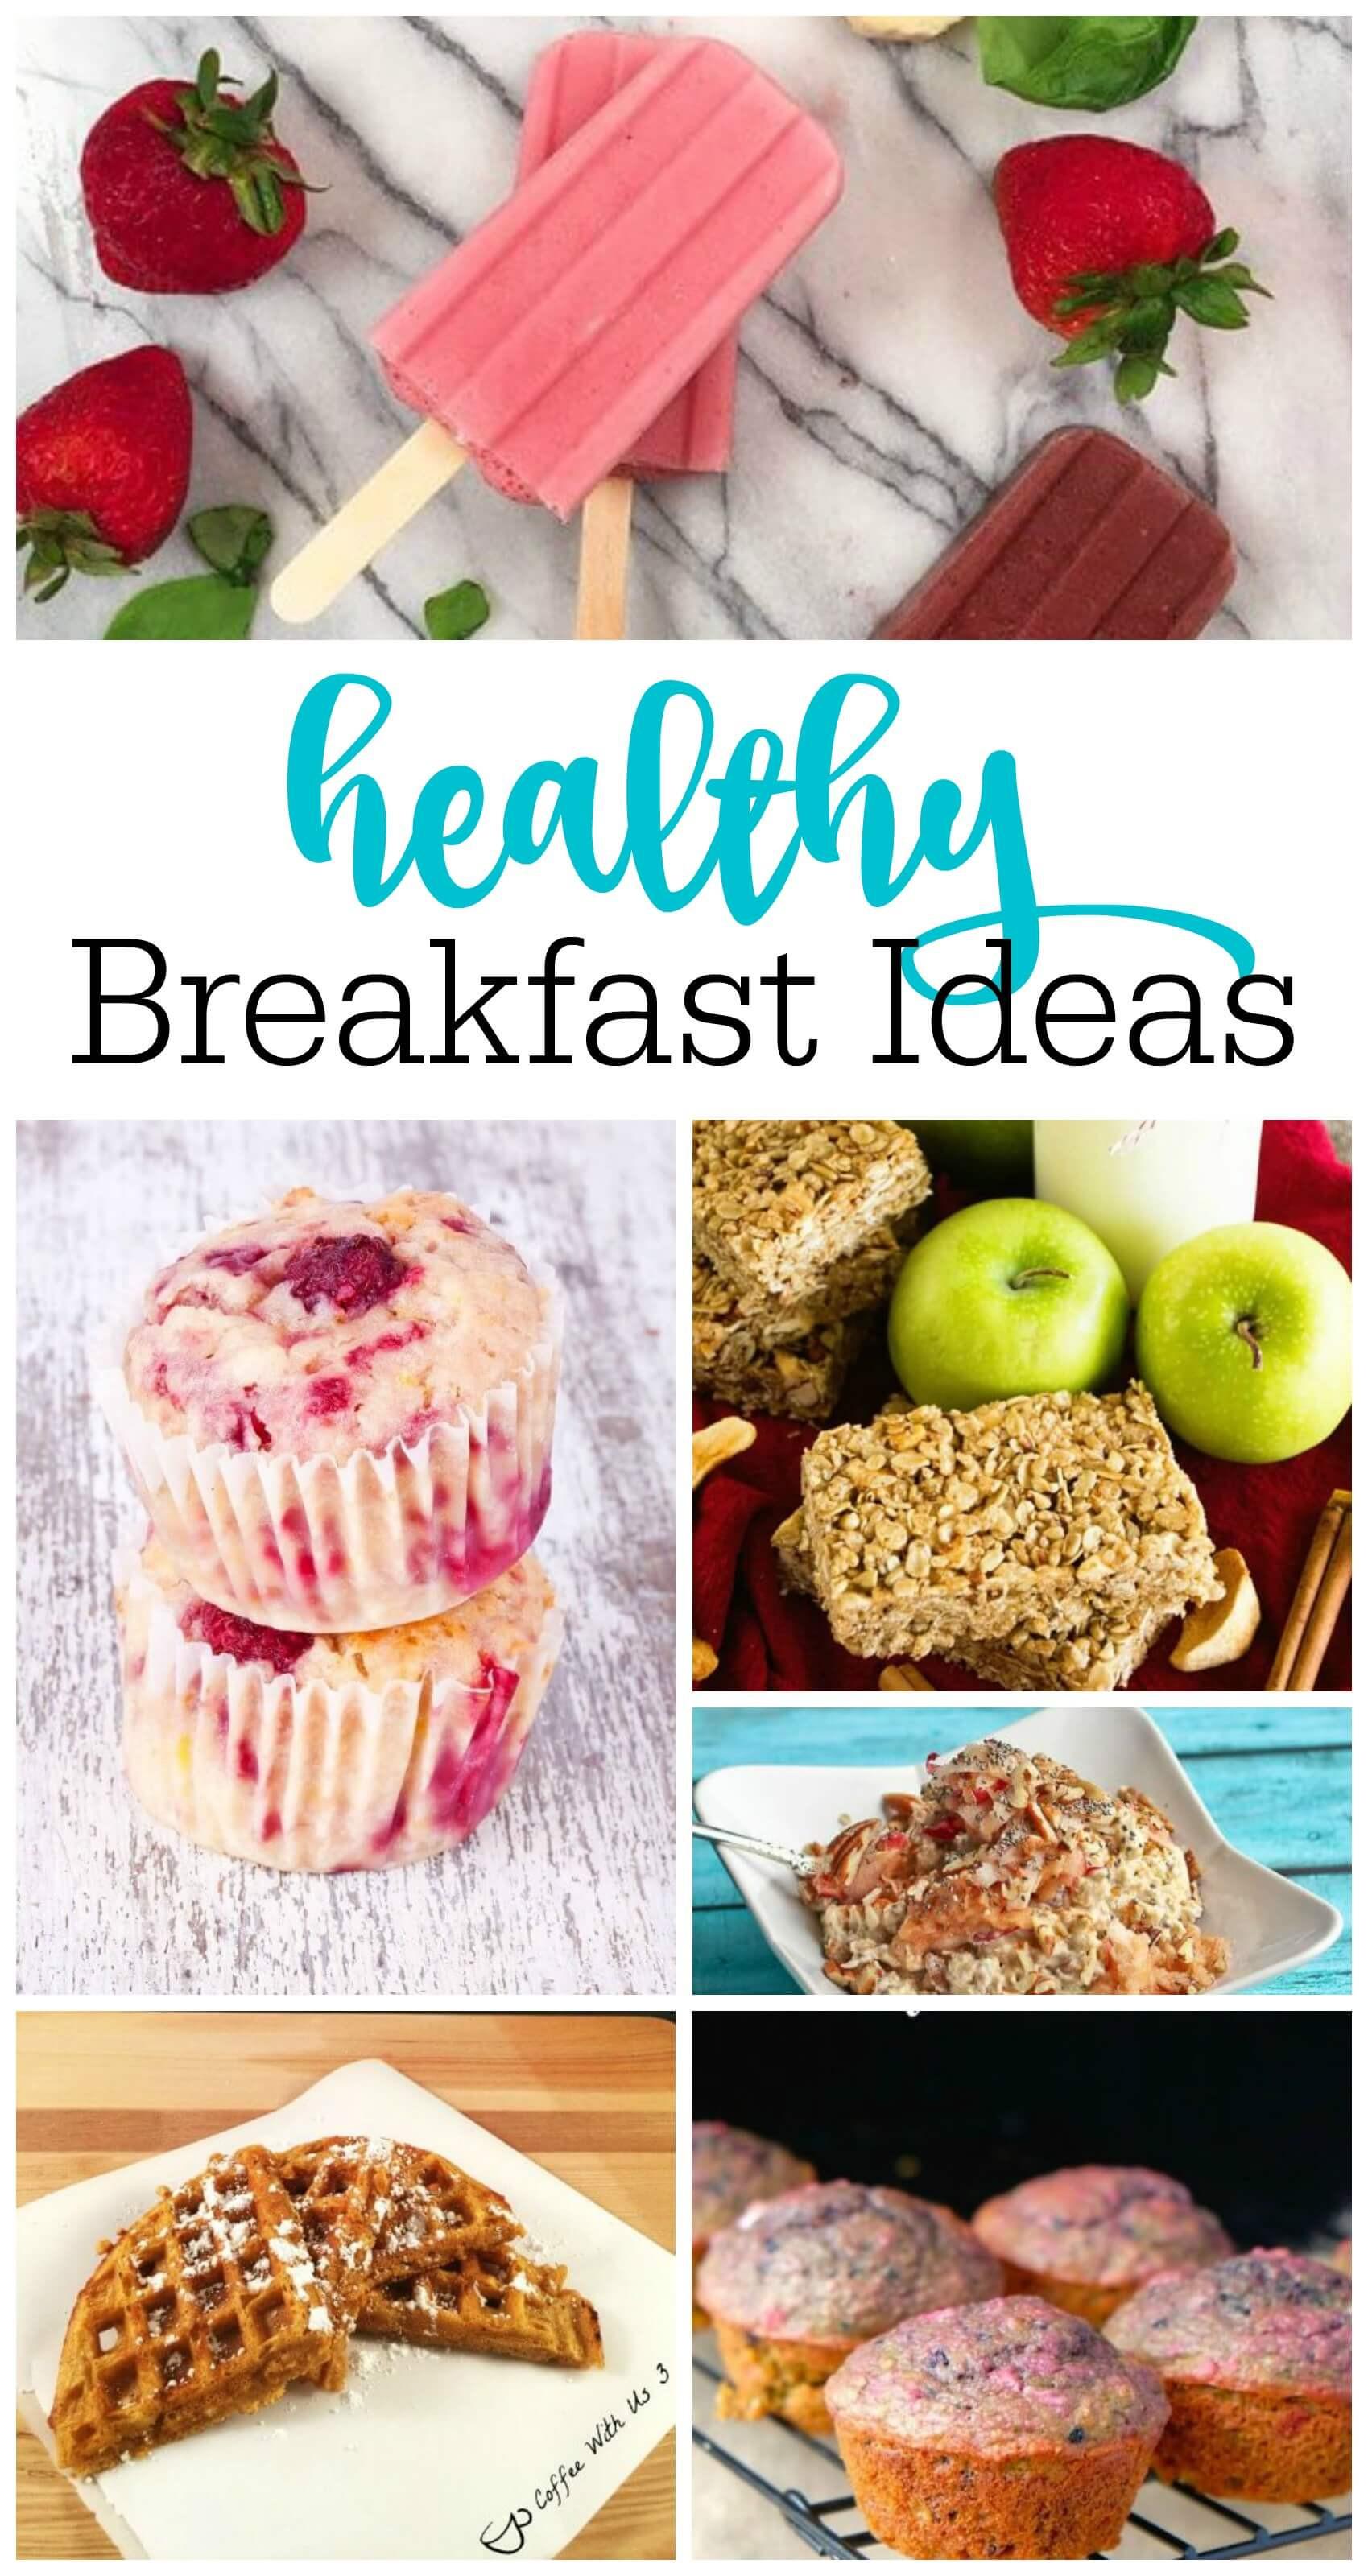 Best Healthy Breakfast Ideas  Healthy Breakfast Ideas for Busy Mornings